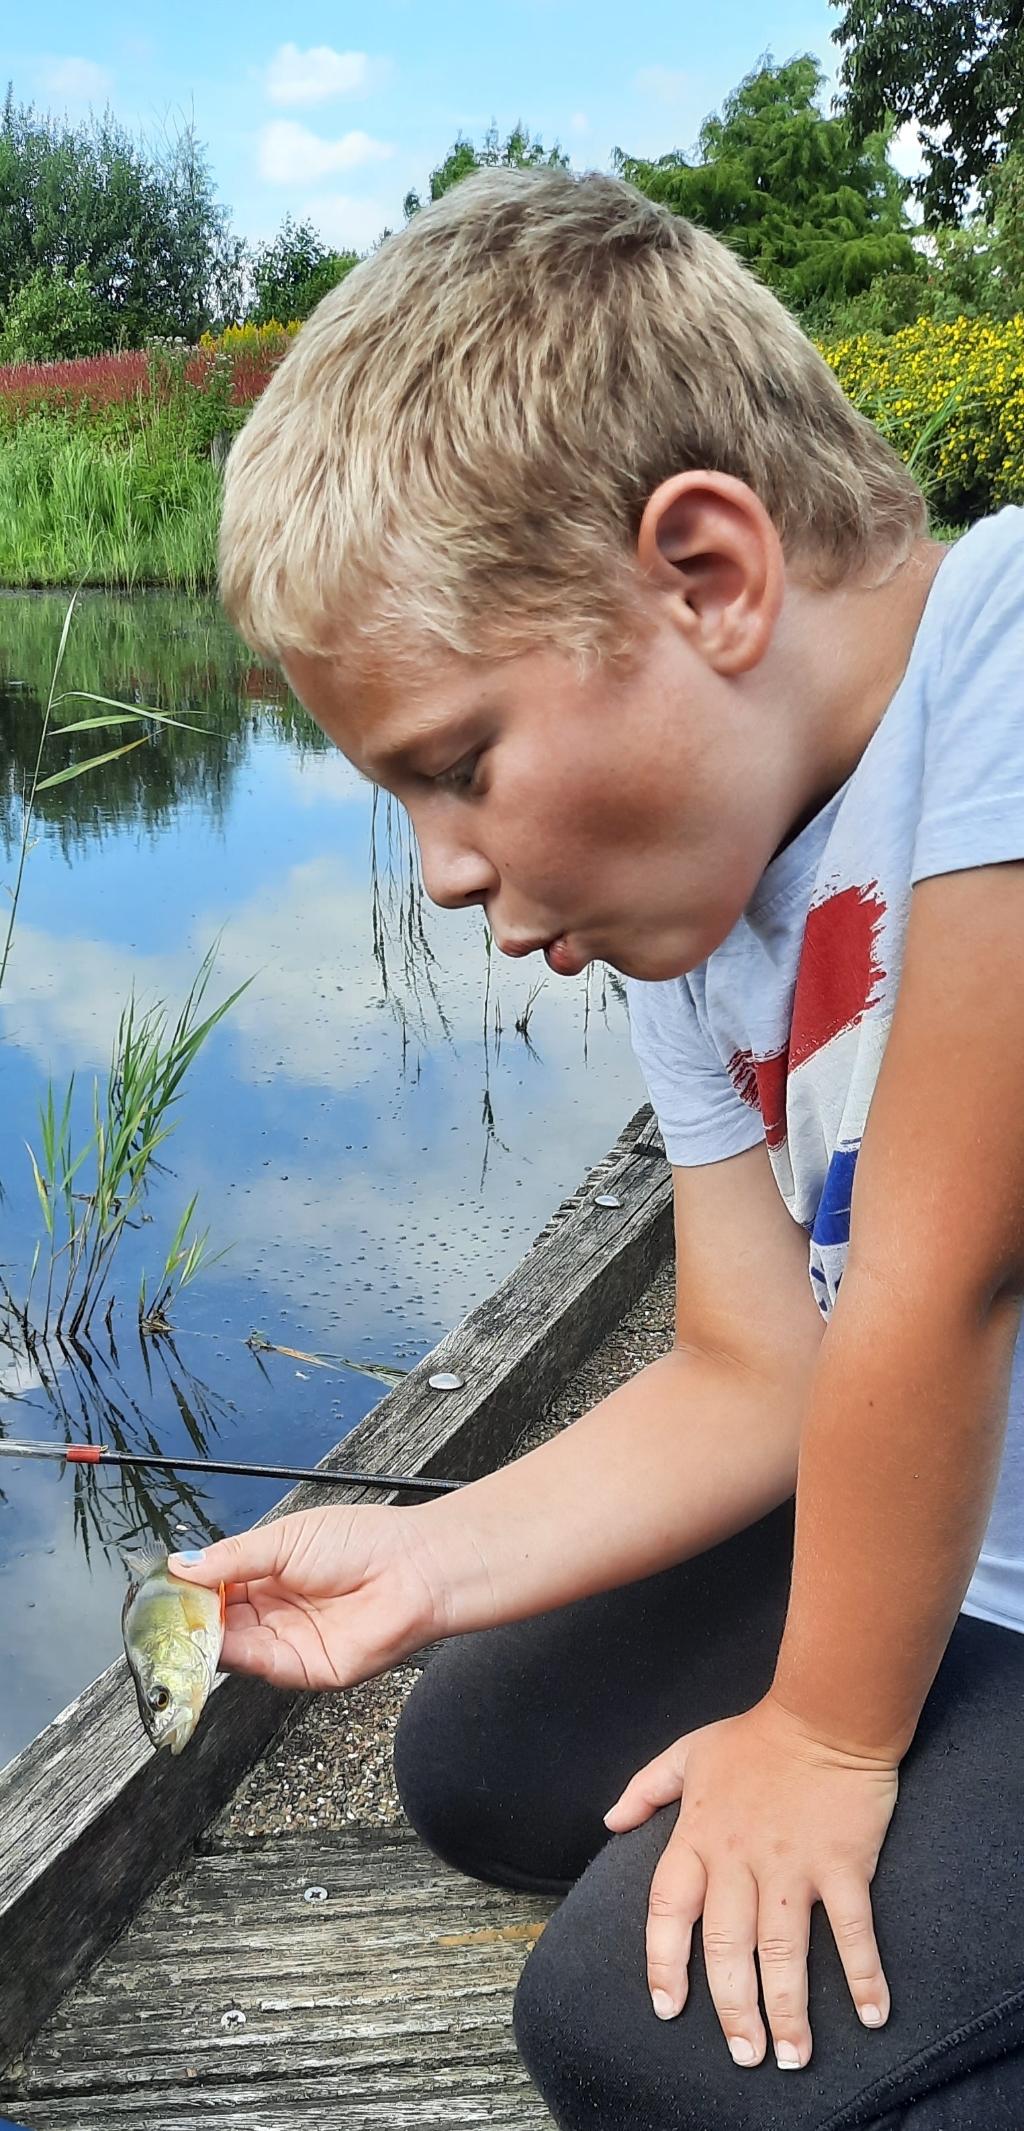 """,,Björn is een groot vis liefhebber. Op 14 augustus was het een mooie dag om samen te gaan vissen bij het Jaagpad in de wijk Corlaer. Hier een mooi baarsje gevangen.""""  Paul van der Steen © BDU Media"""